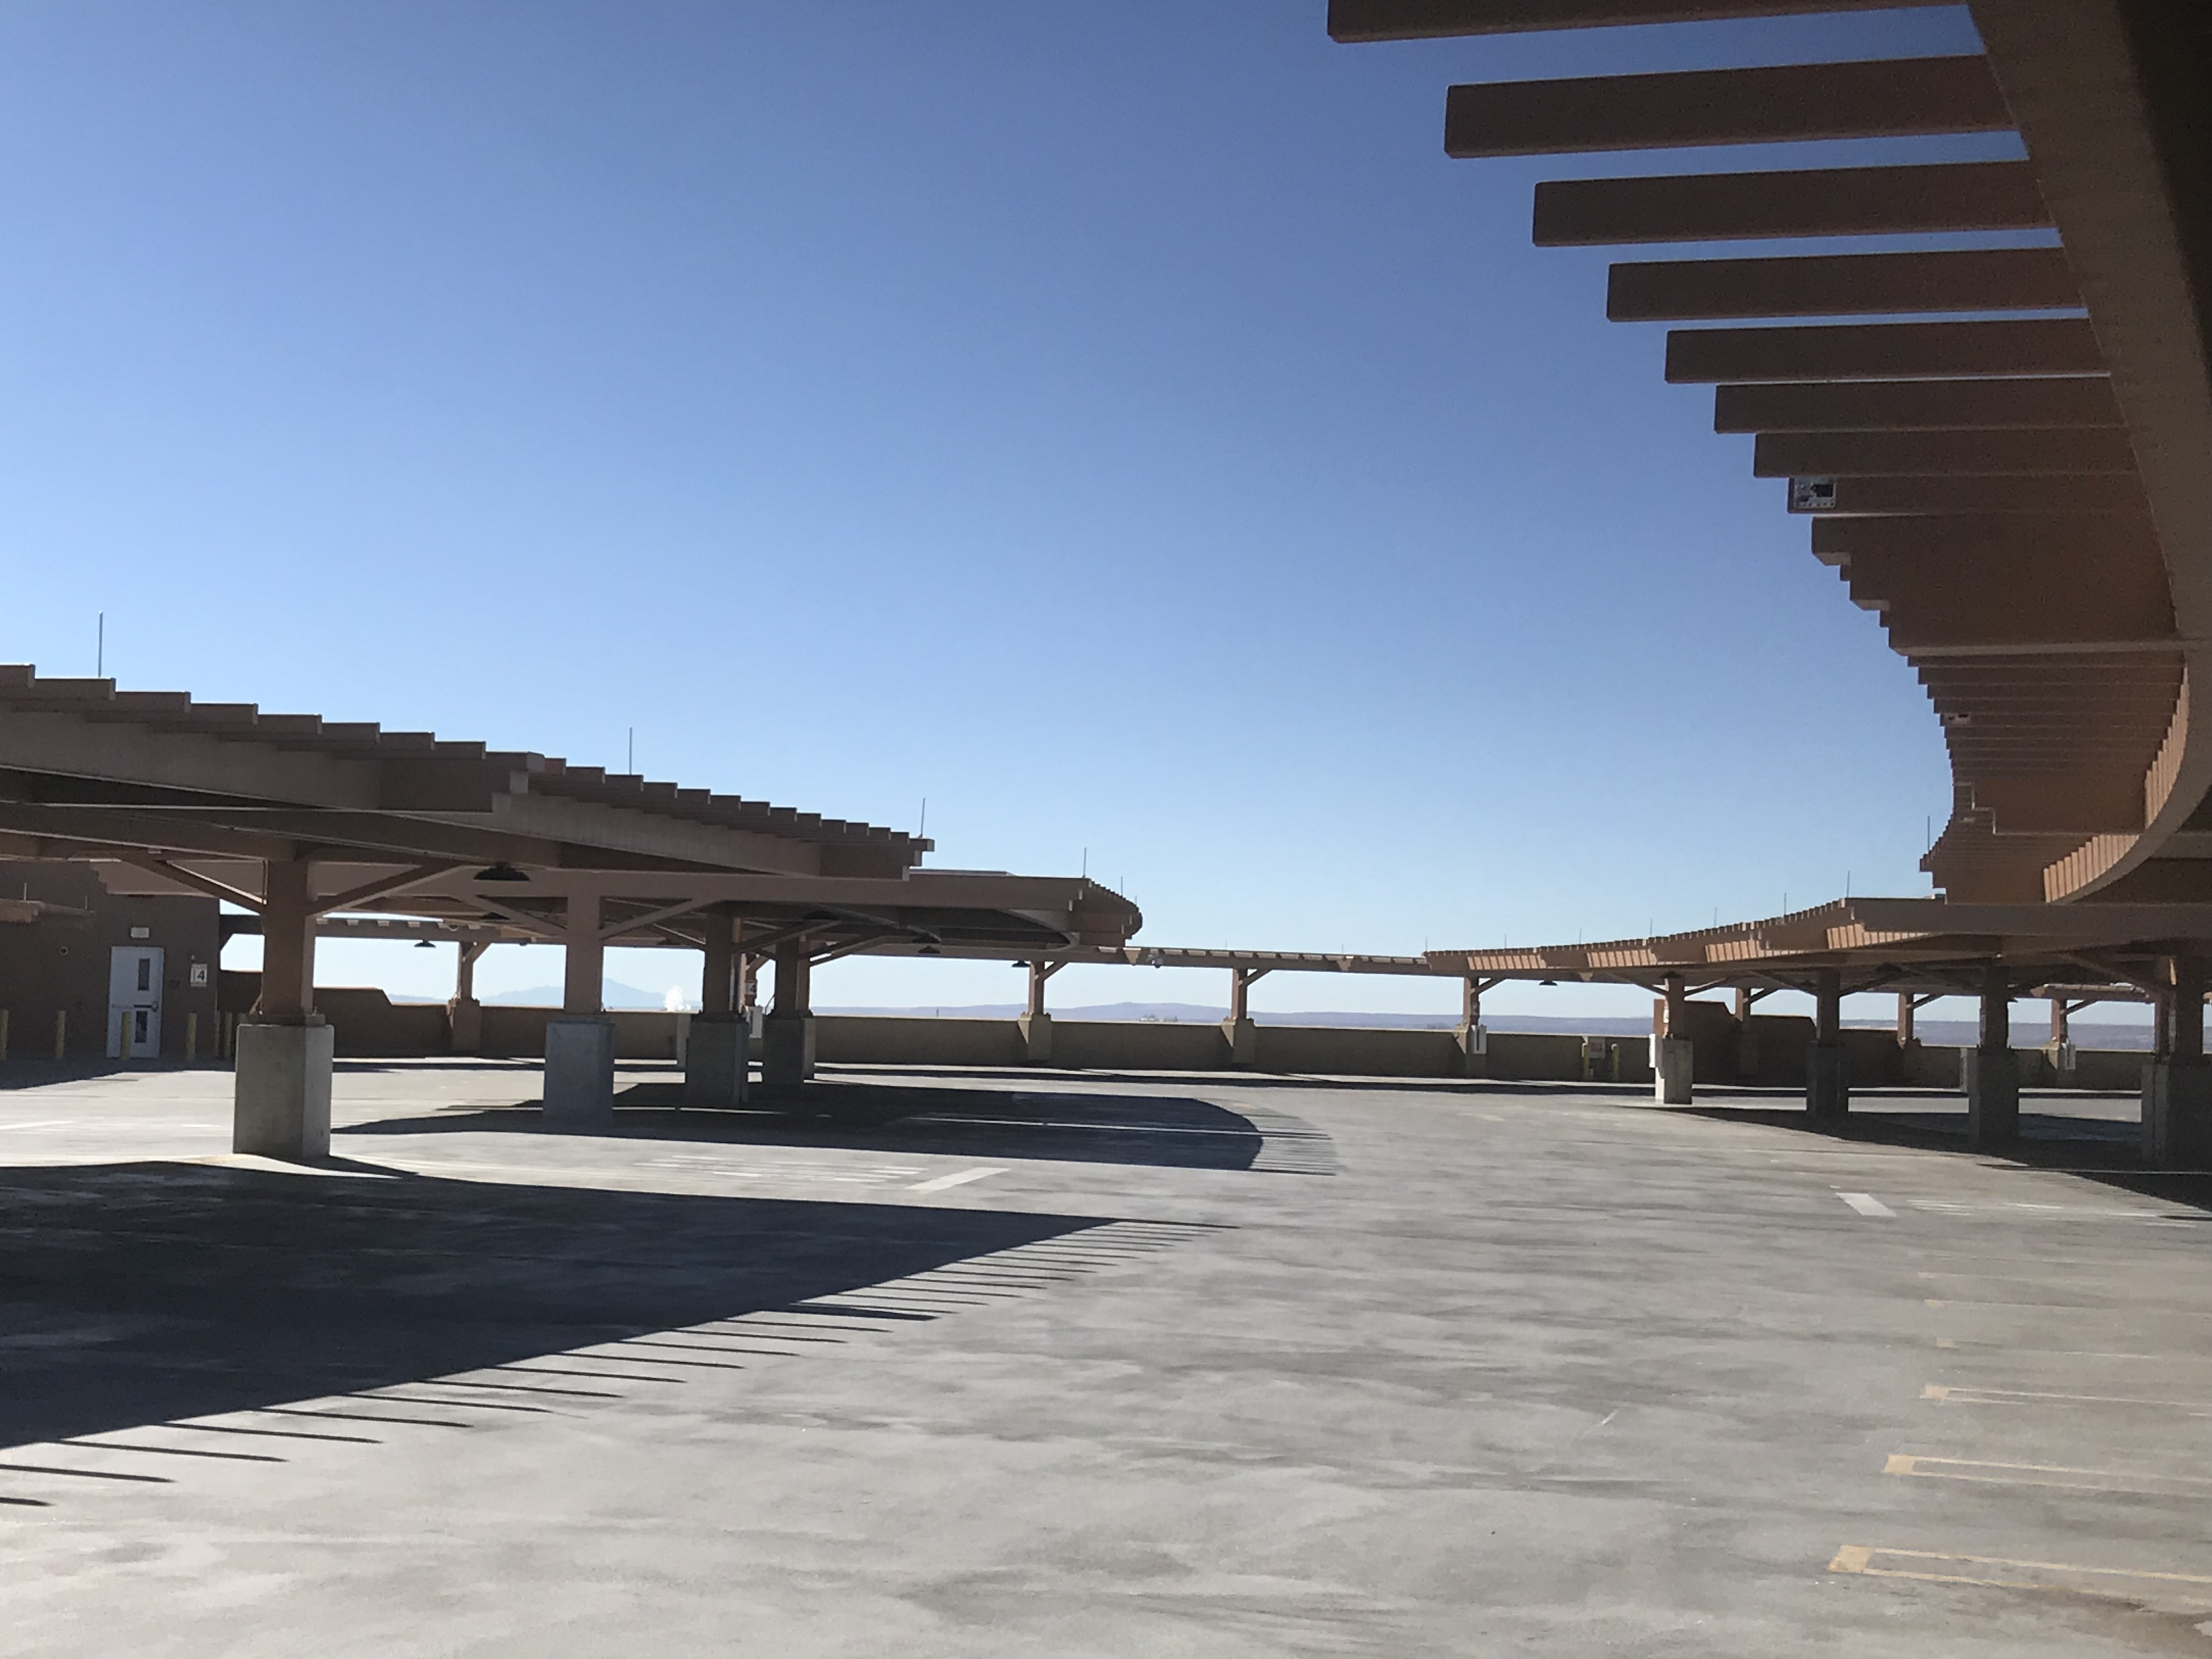 Sandia Parking Garage